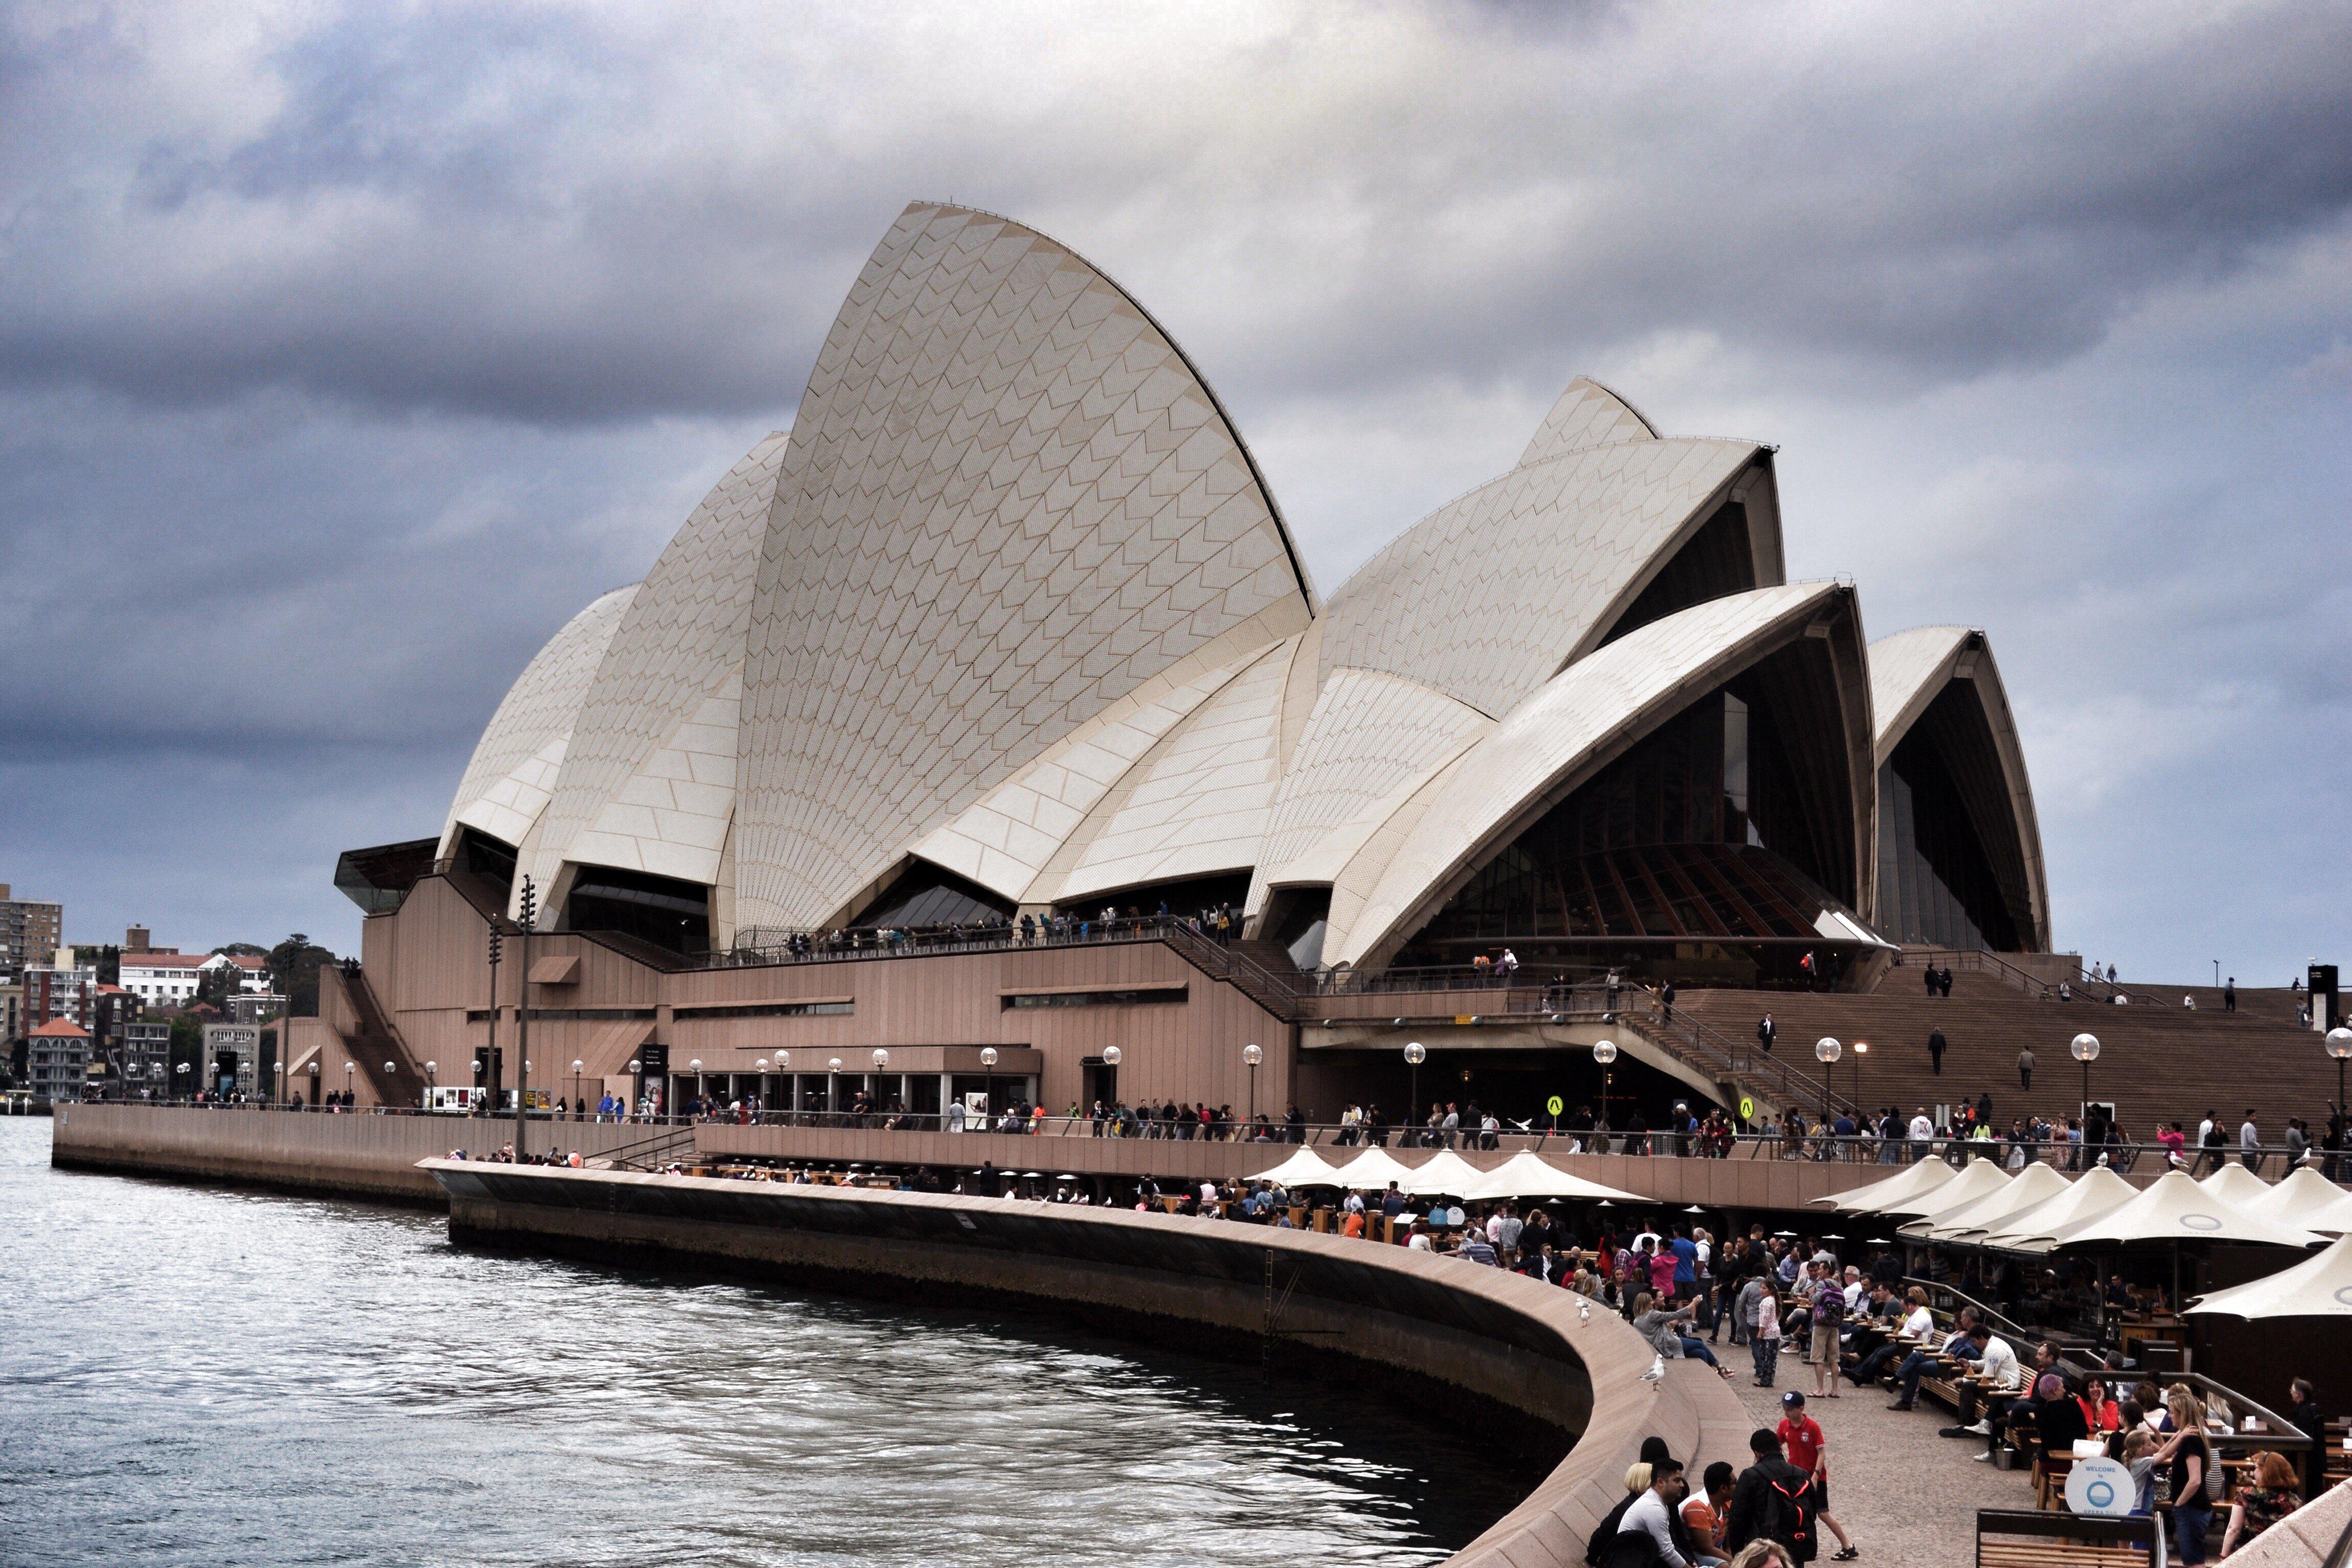 悉尼歌剧院位于澳大利亚悉尼,是20世纪最具特色的建筑之一,也是世界